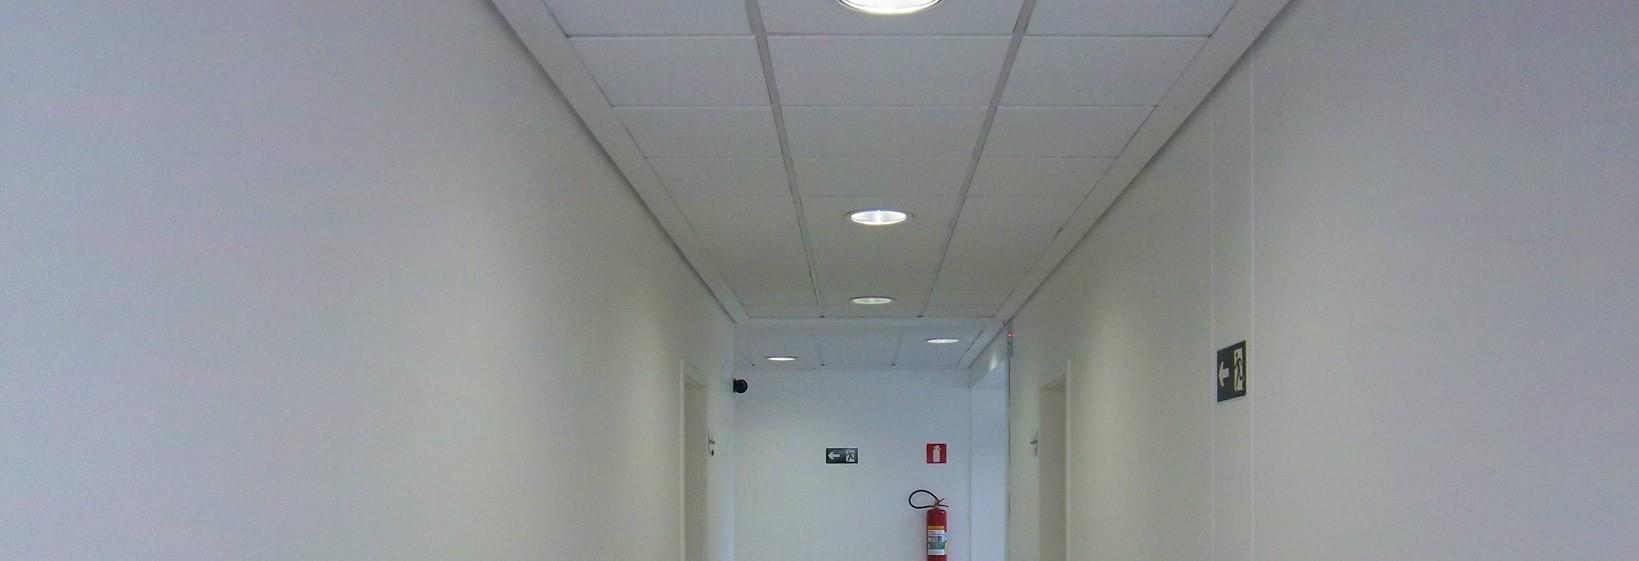 Office em Swiss Park, Campinas - SP